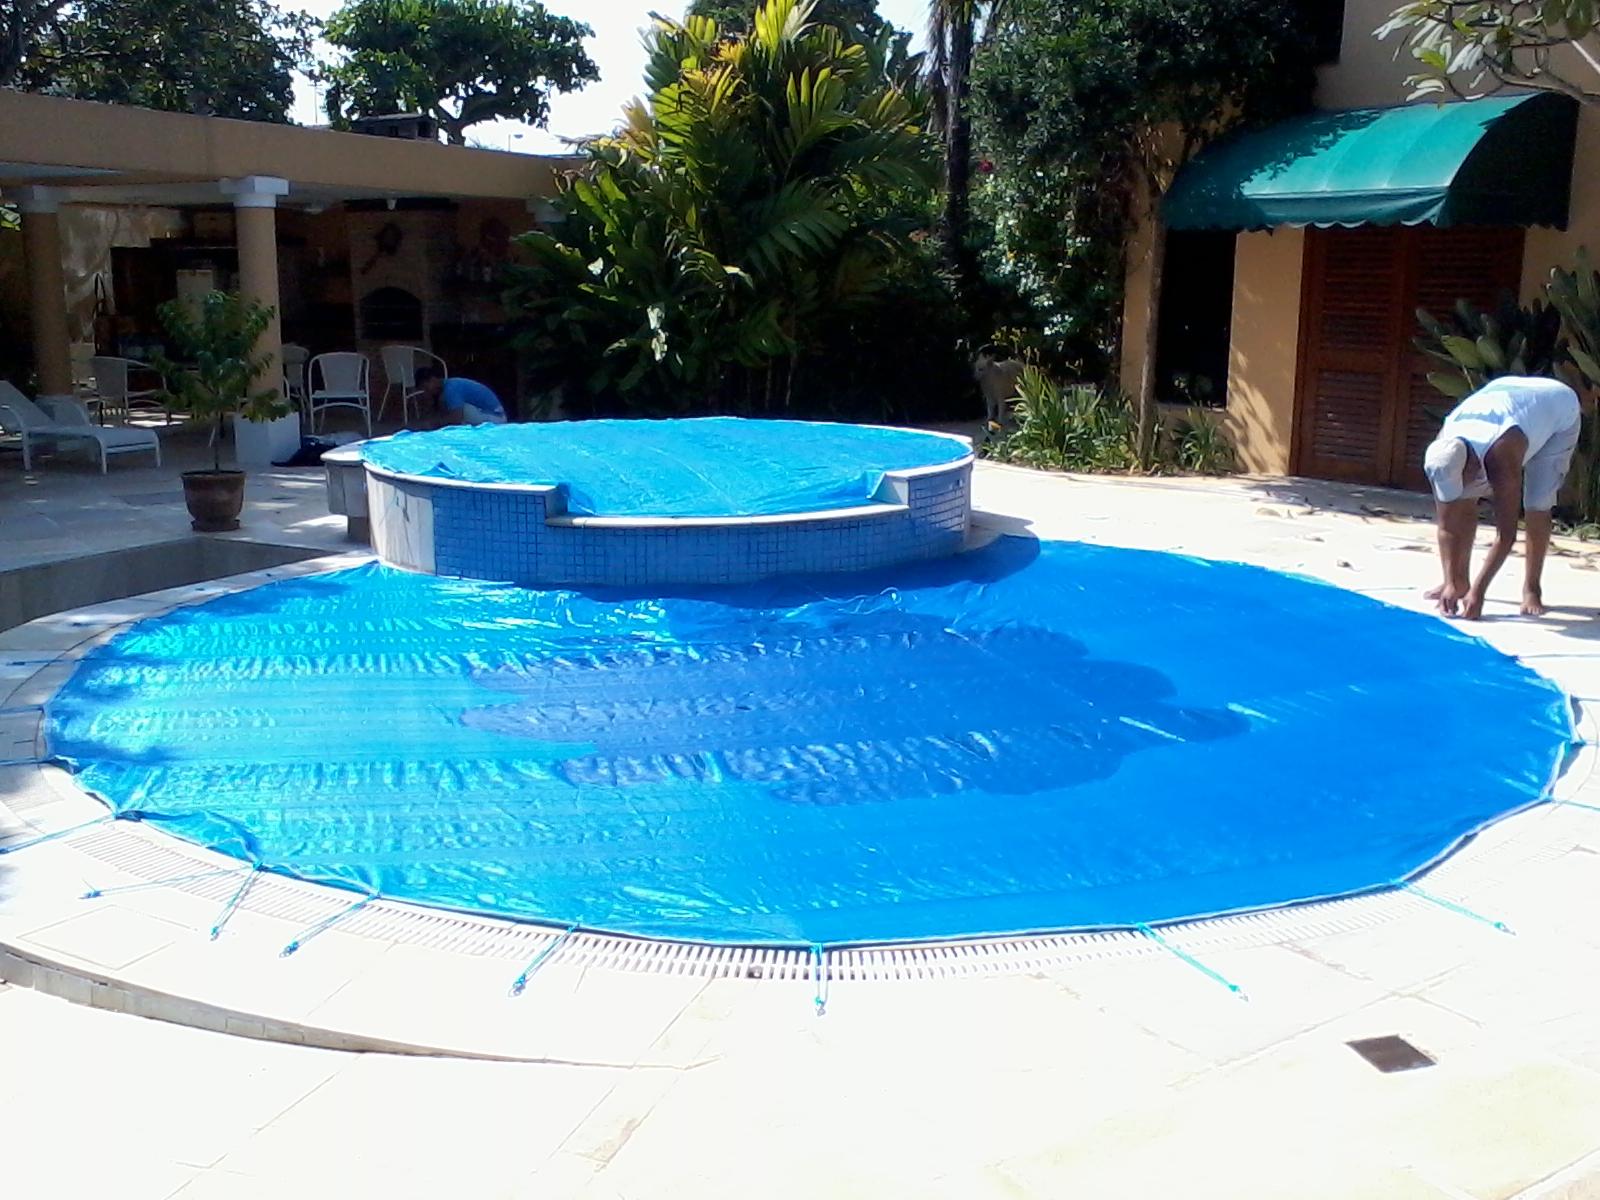 Tags piletas copadas personalizadas piscinas images for Piscinas plasticas precios